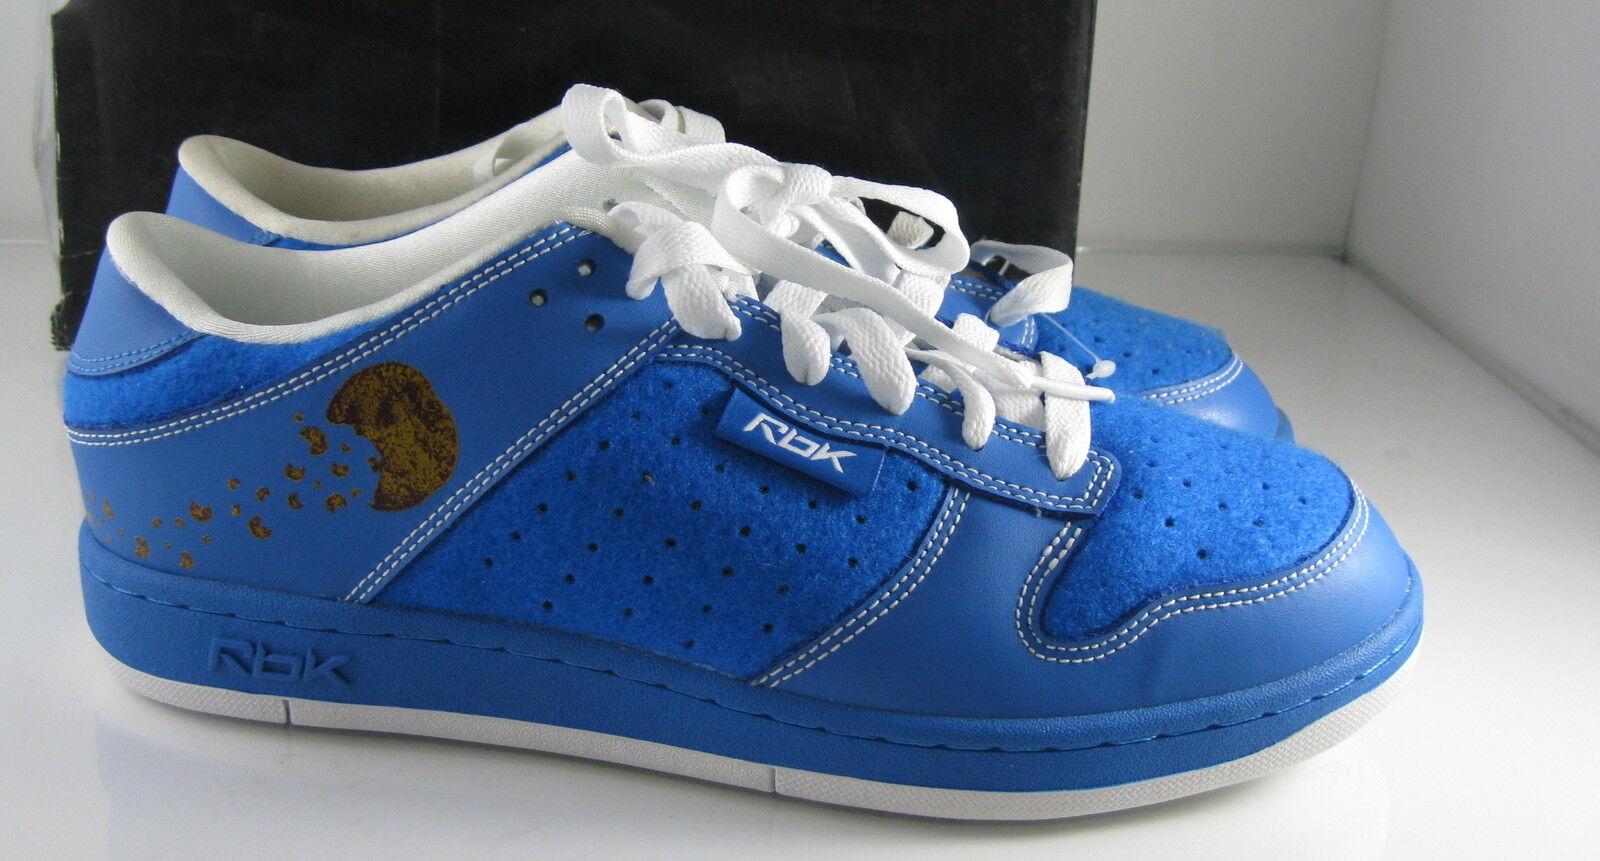 Zapatos Reebok Rbk Get Low Cuero Y Gamuza Deportes blancoo Azul Cobalto Tenis